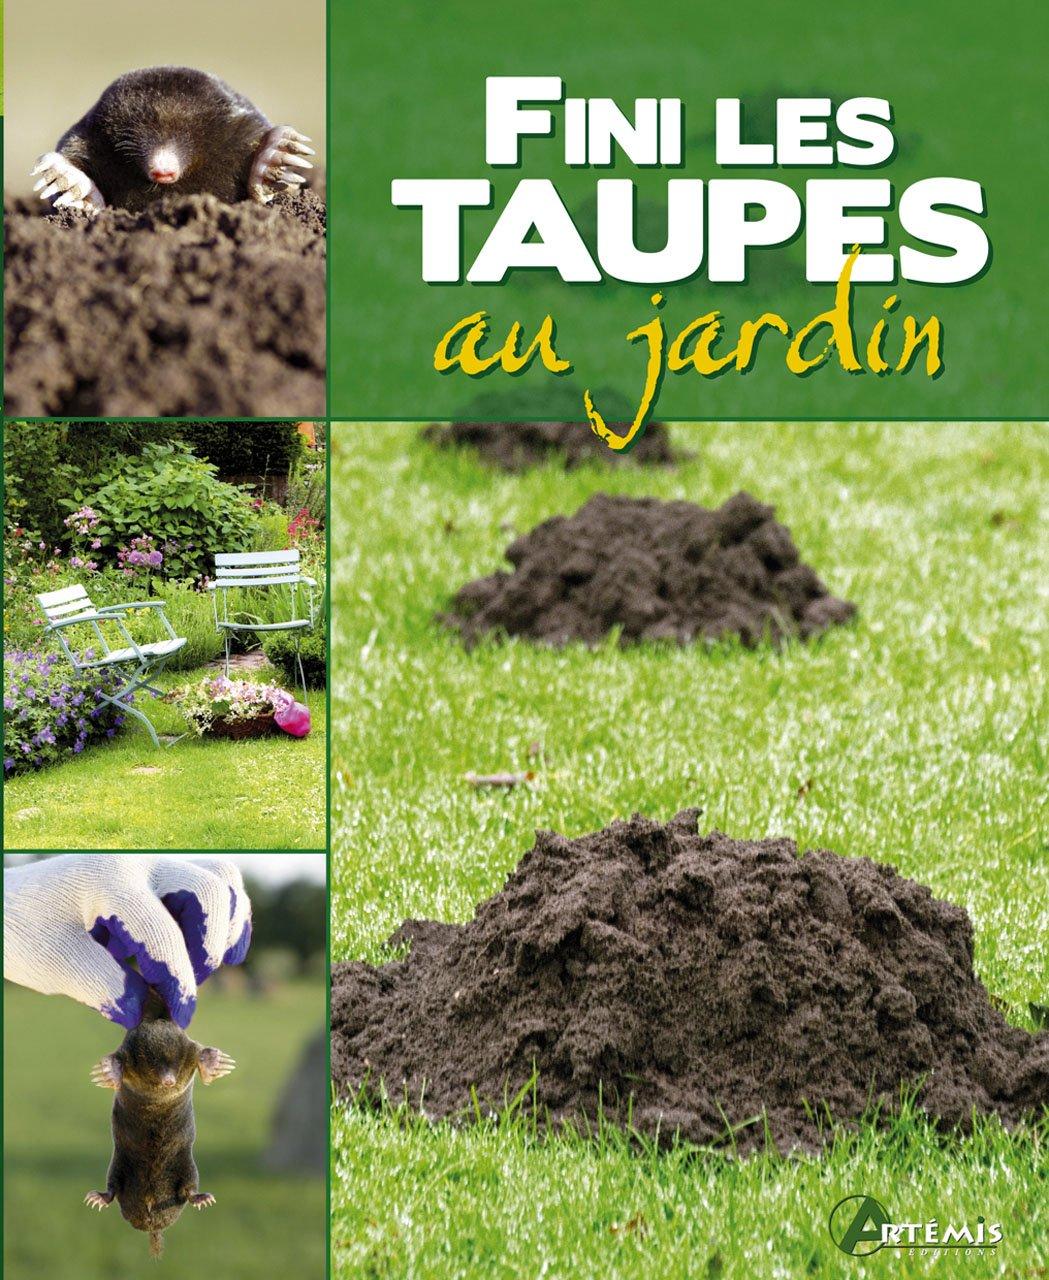 Fini les taupes au jardin